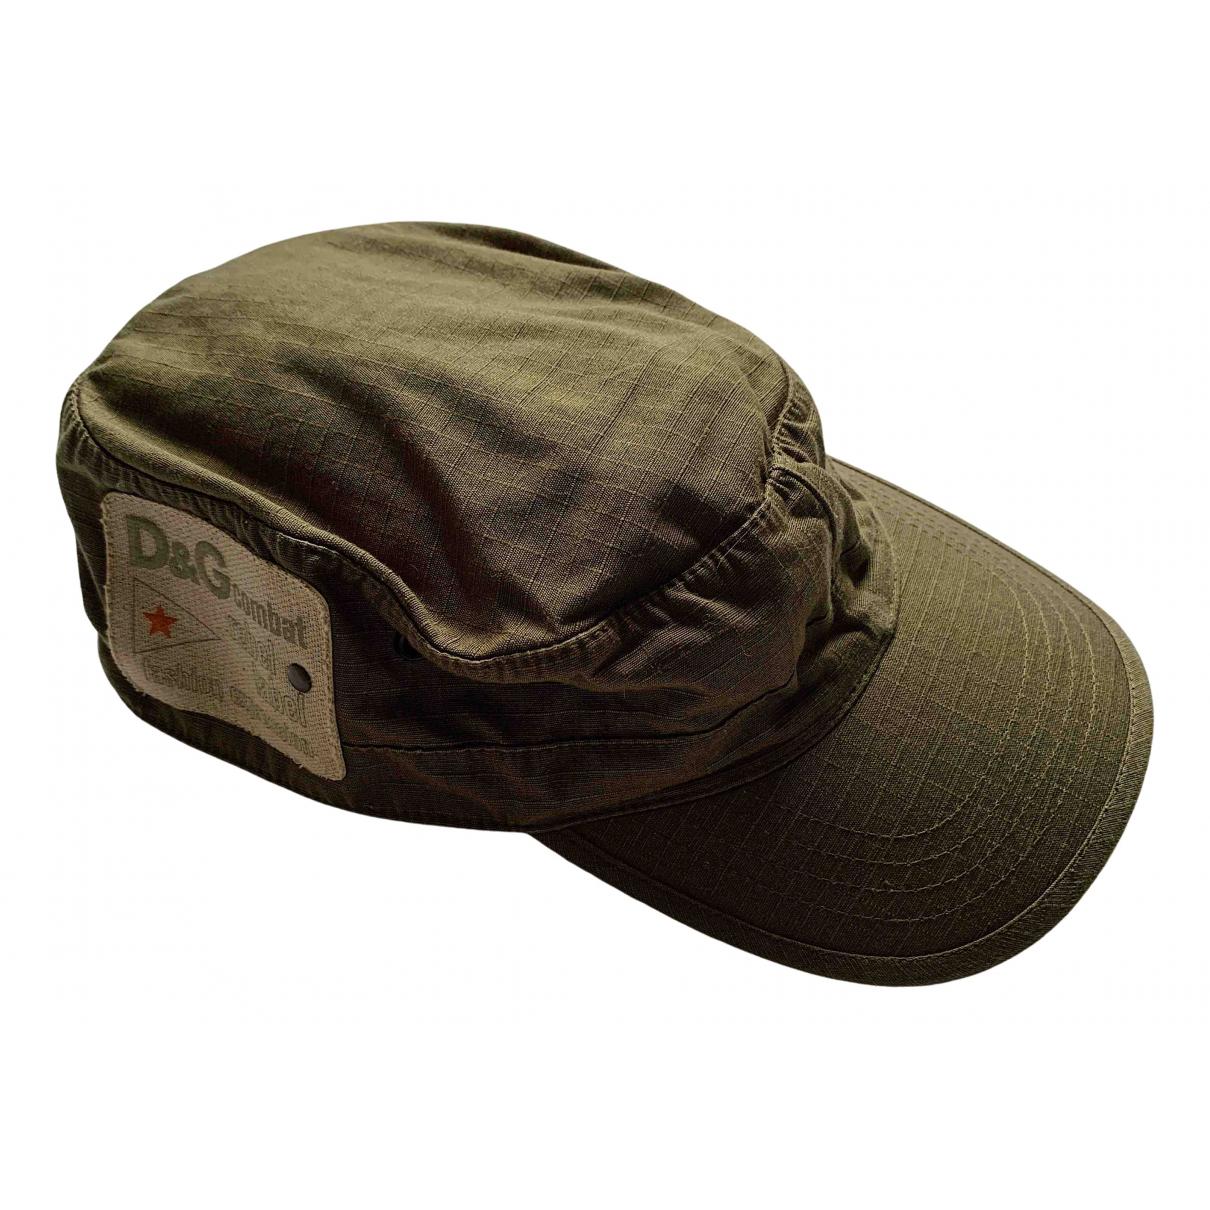 D&g - Chapeau & Bonnets   pour homme en coton - vert